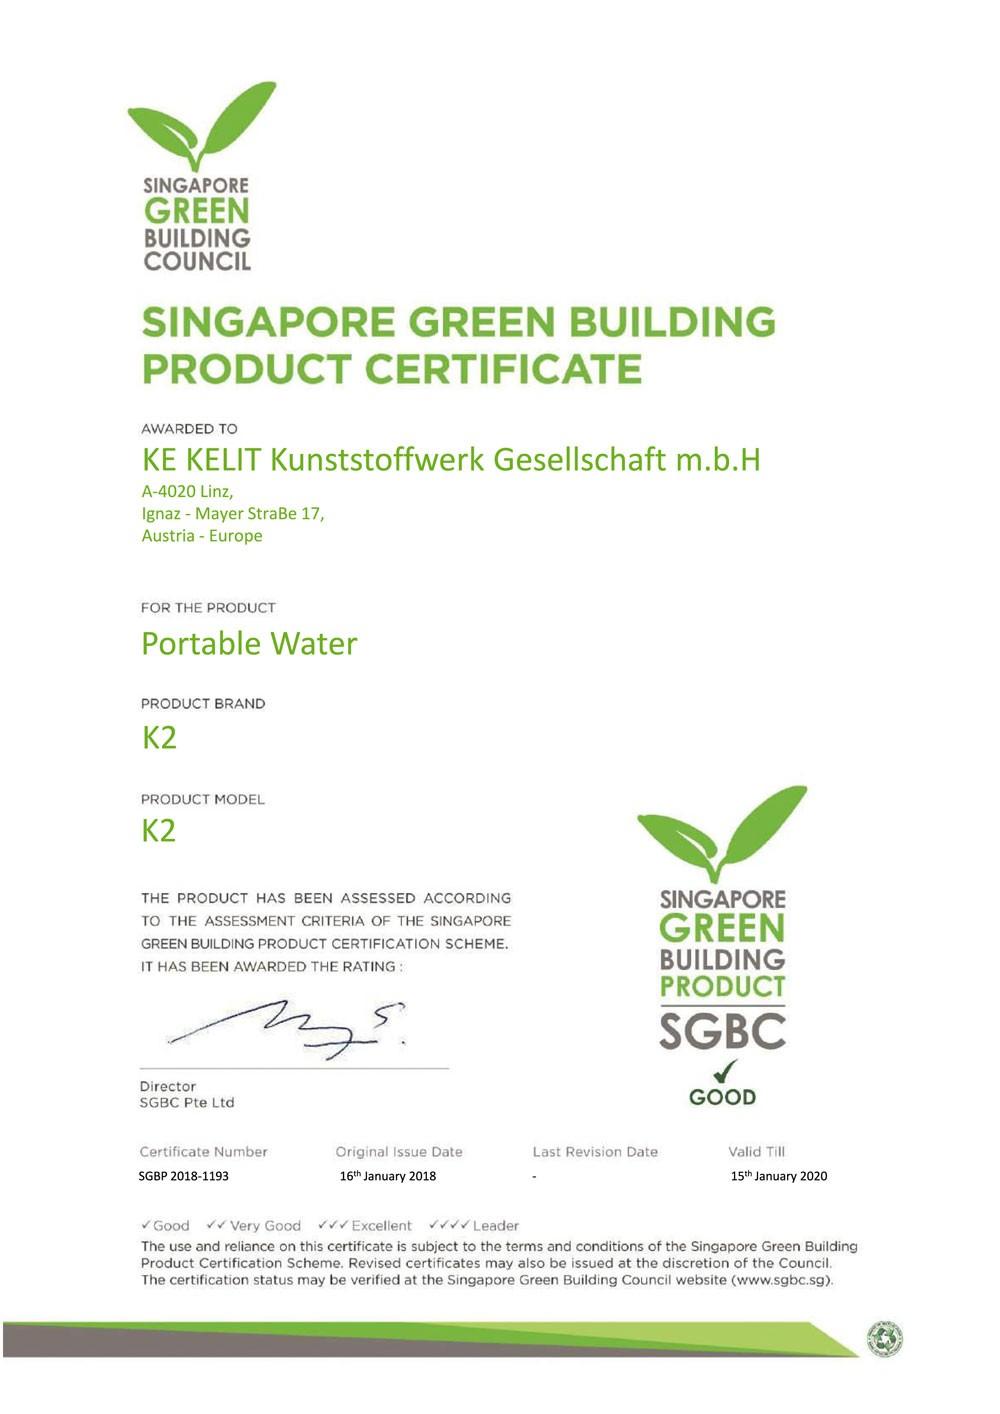 Tiêu chuẩn chất lượng ống nước Kelen Certificate cấp nước hàn nhiệt